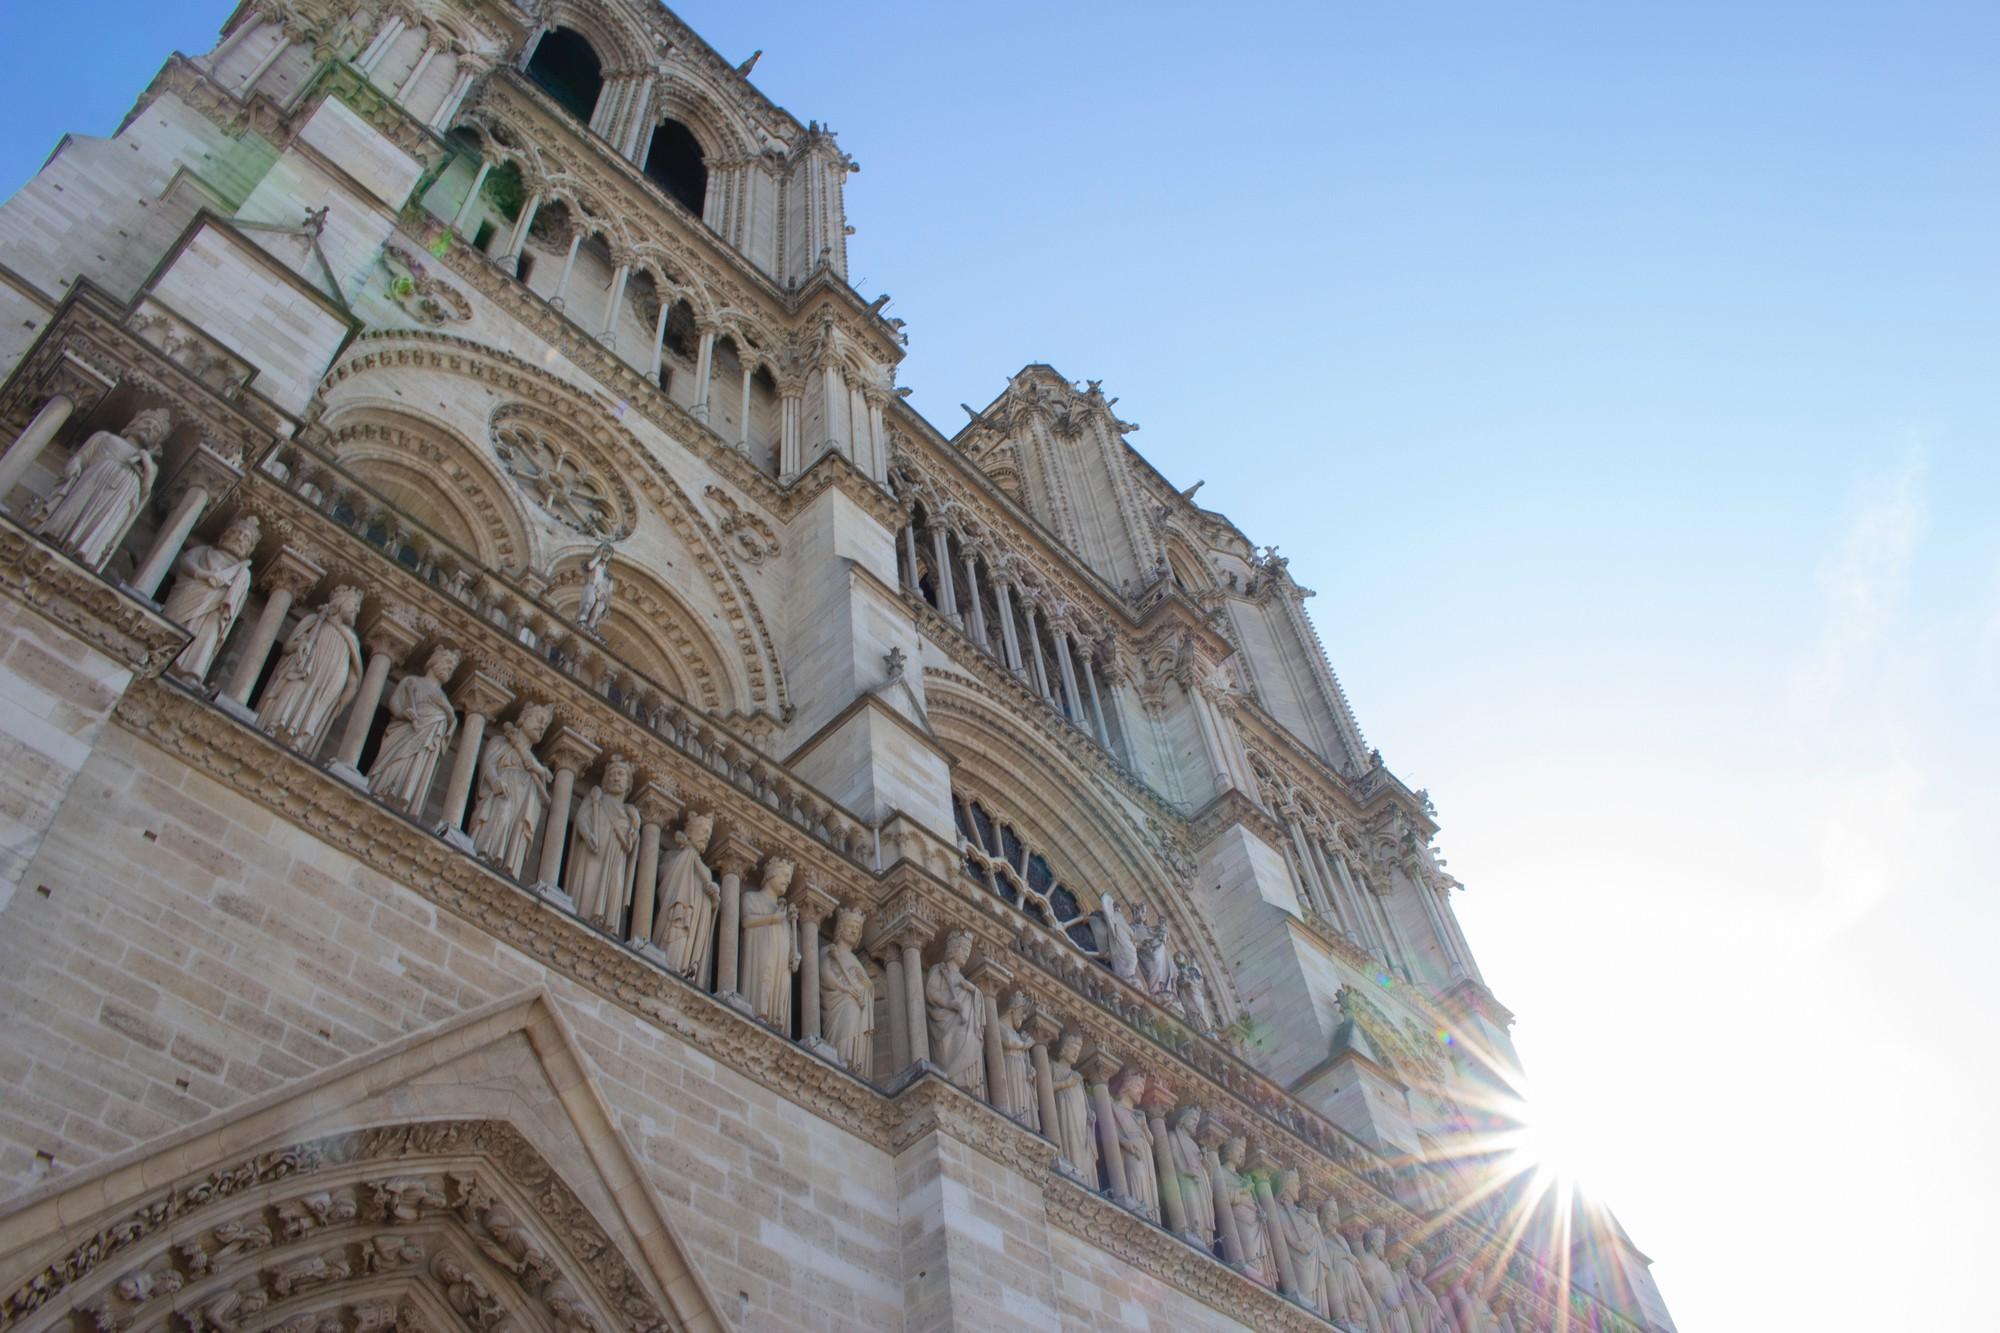 Trước khi sụp đổ một phần vì vụ cháy chấn động, Nhà thờ Đức Bà ở Paris từng là biểu tượng bình yên của cả nước Pháp - Ảnh 8.